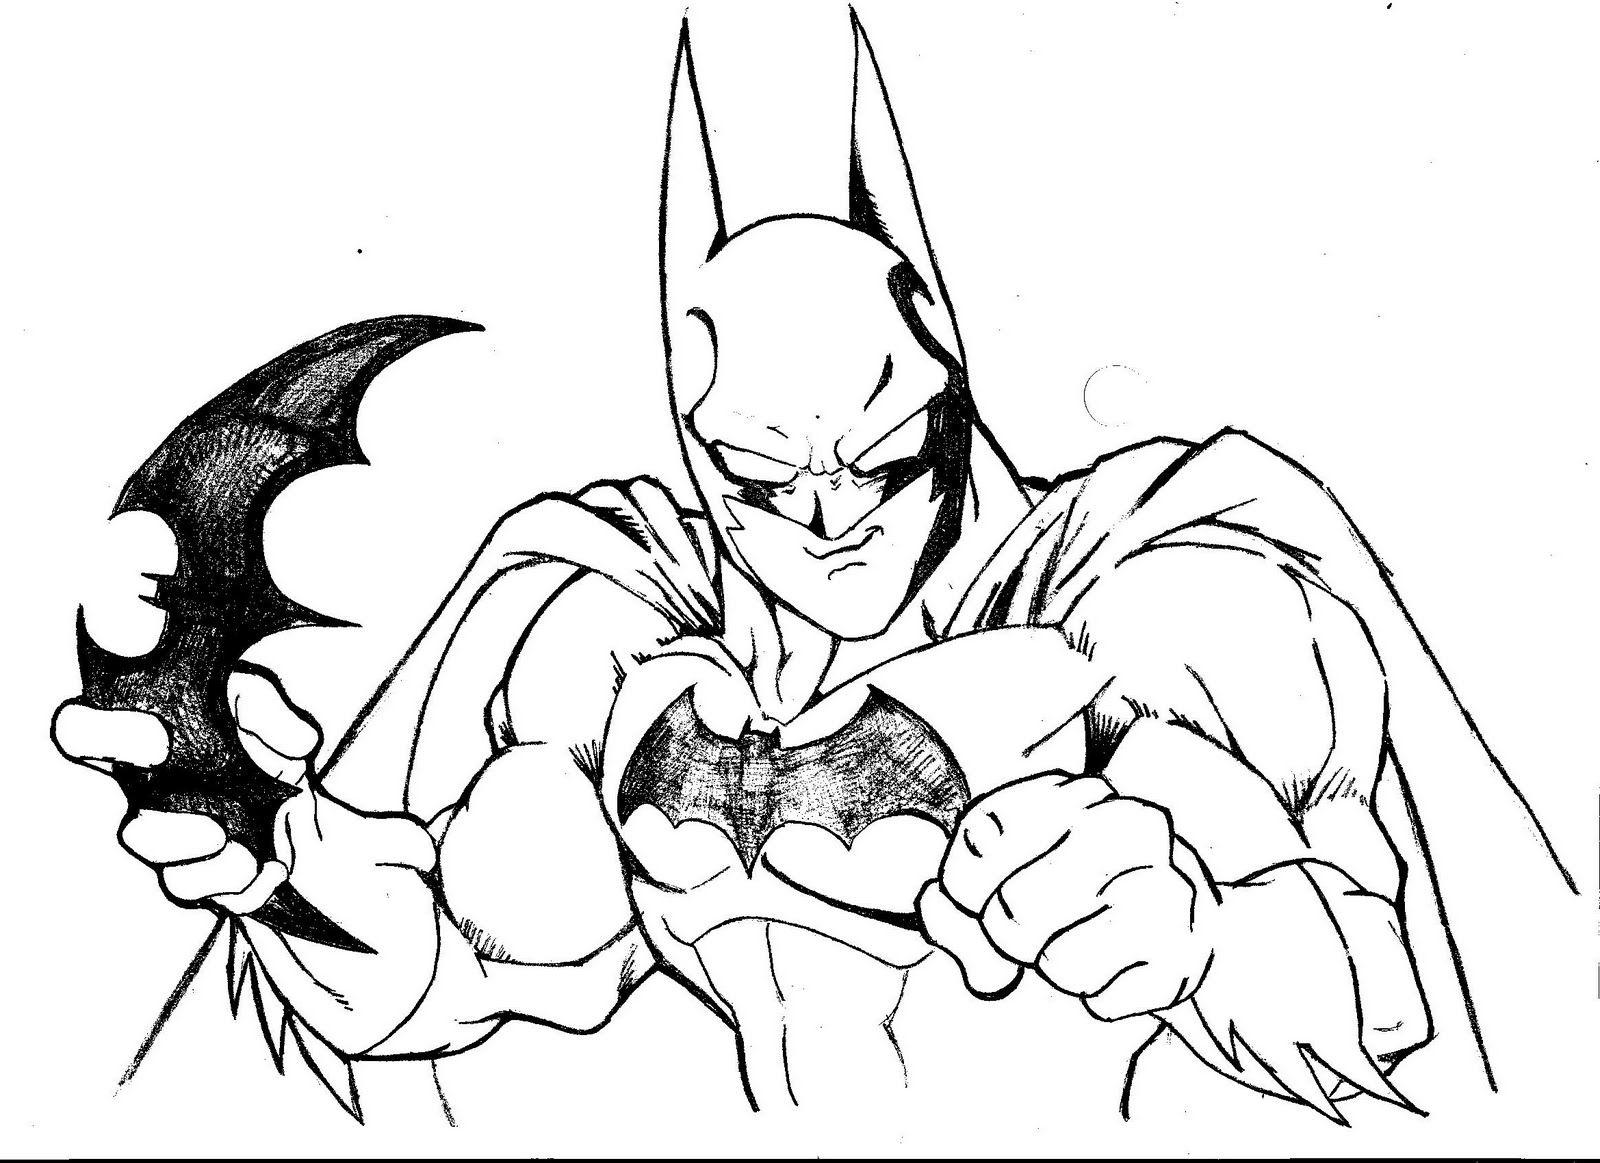 Y si Toriyama dibujara a Batman - Fan-Art - Dibujo - DC | Batman fan ...